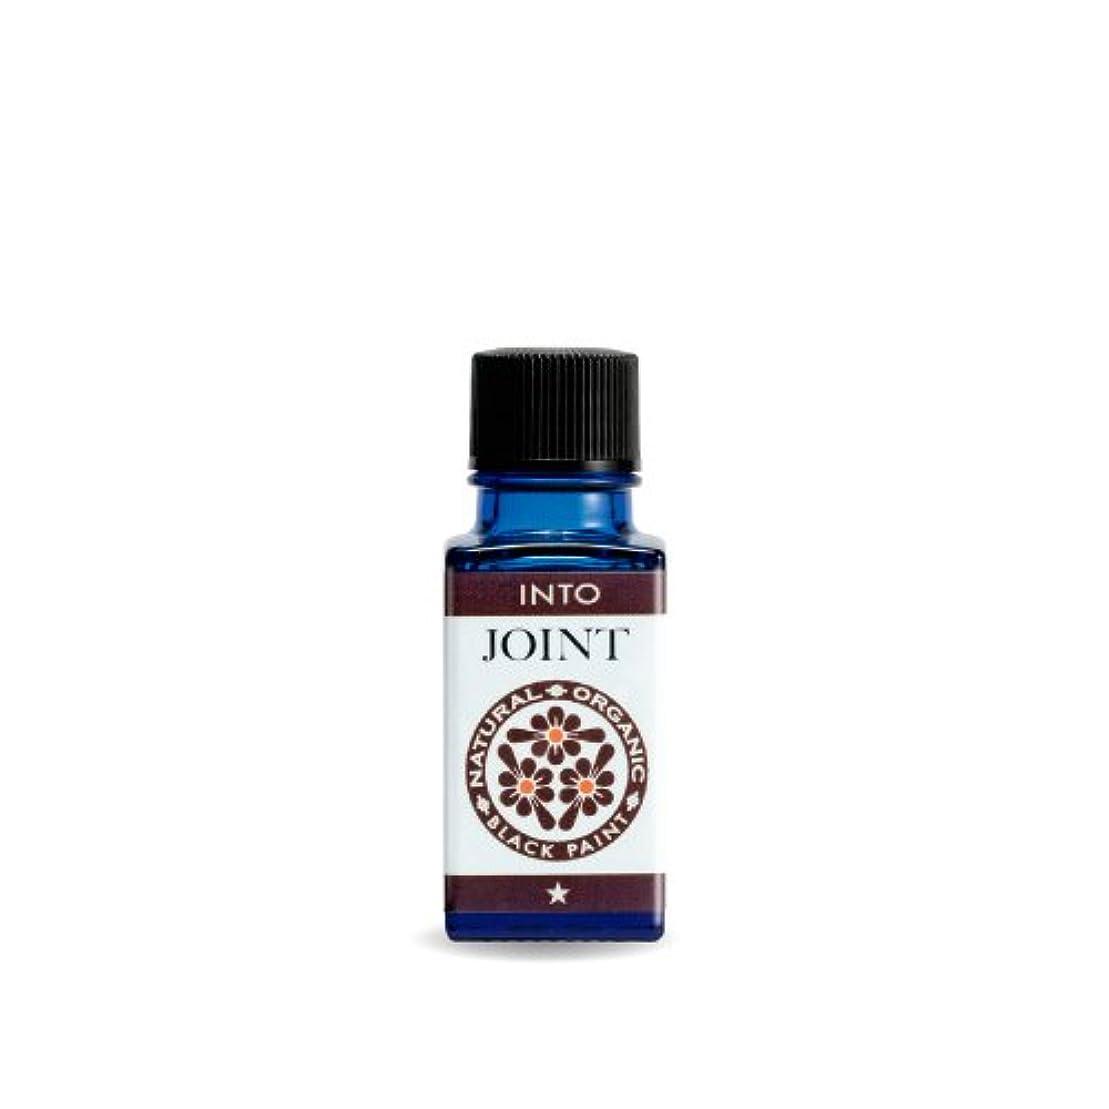 取り組む平衡仕事に行く関節用 エッセンシャルオイル 美容液 INTO ジョイント 10ml ブラックペイント